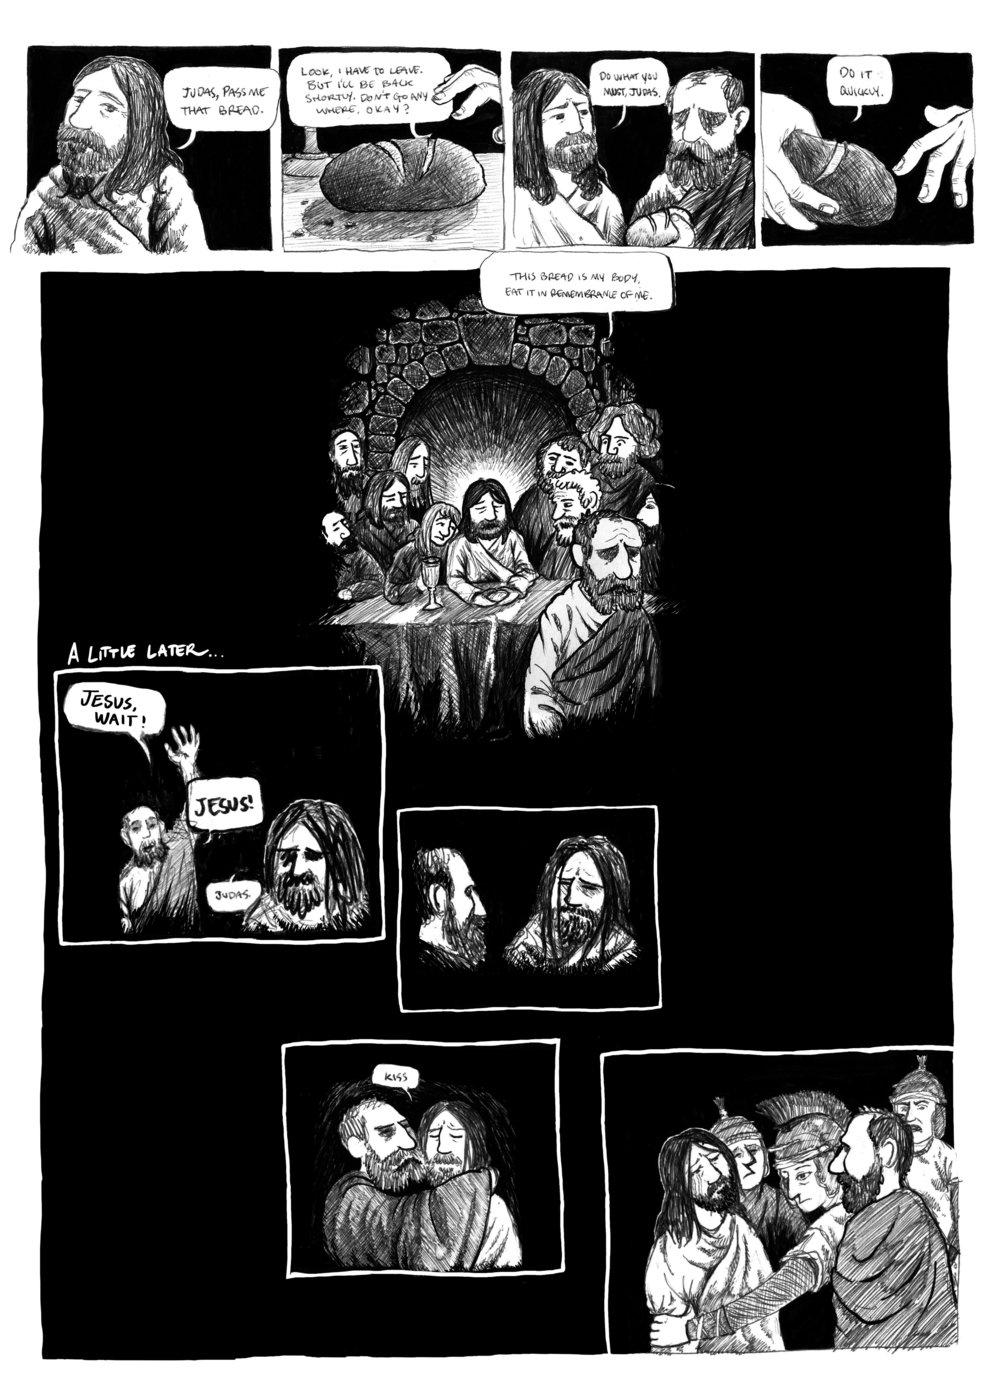 Judas Iscariot A4 p2.jpg